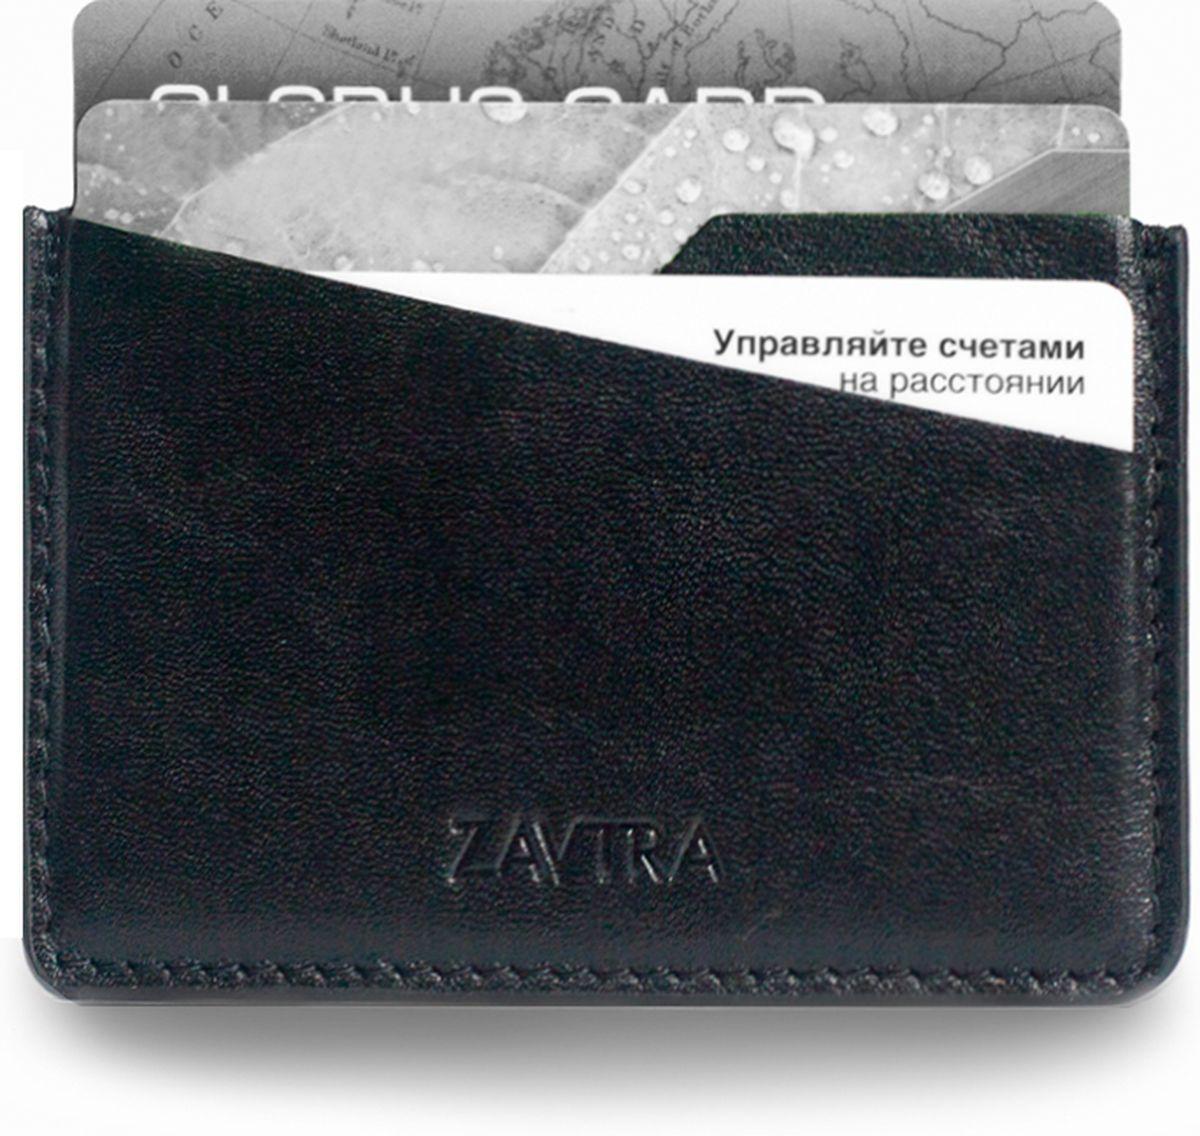 Визитница Zavtra, цвет: черный. zav07blaINT-06501Визитница Zavtra выполнена из натуральной кожи и имеет три отделения под пластиковые карты с дизайном, предосматривающим удобное извлечение карт. Забудьте о раздутом от мелочи кошельке. Забудьте вообще о мелочи и кошельке. Несколько пластиковых карт и пара купюр на пару дней - все, что нужно современному человеку.